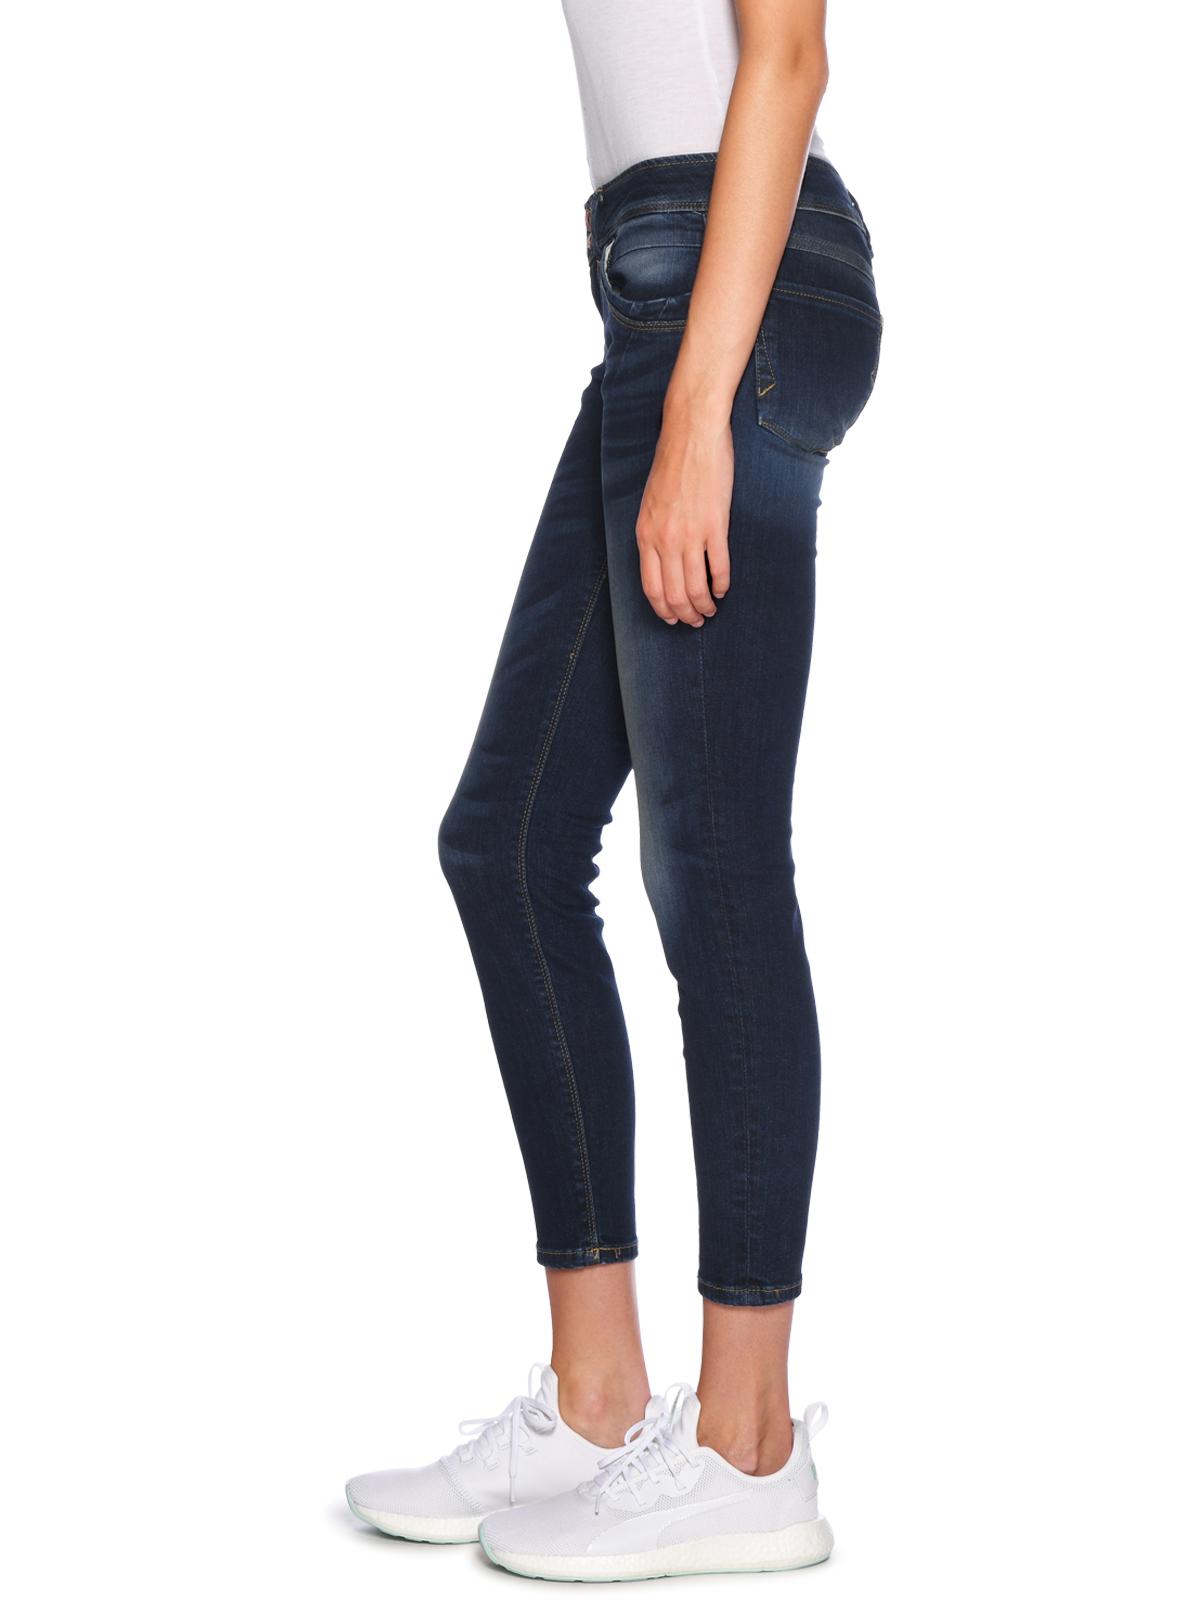 LTB Spijkerbroek Senta in blauw voor Dames